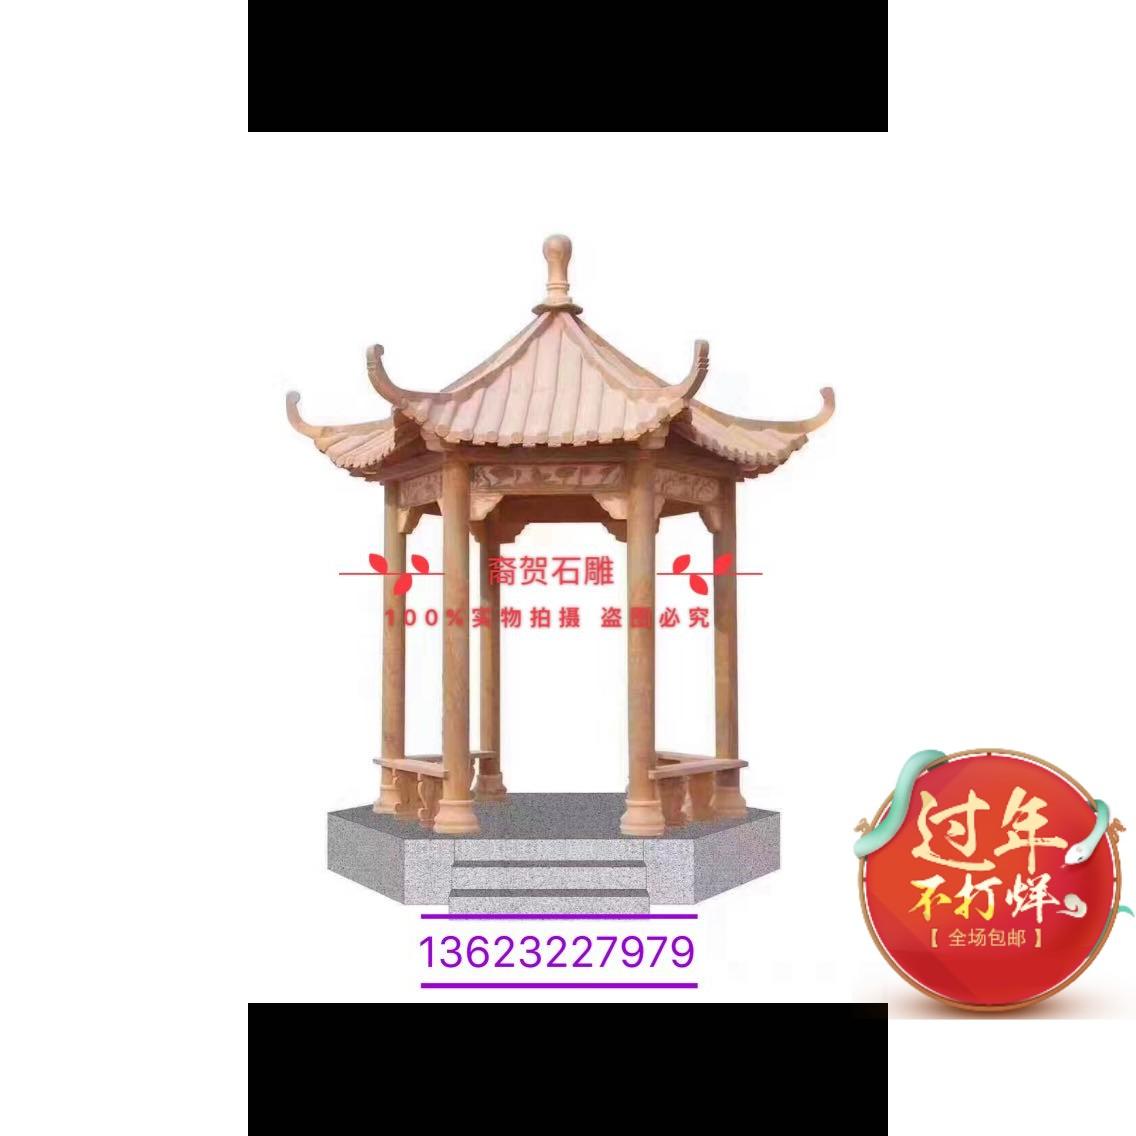 Камень модельывать прохладно павильон на открытом воздухе павильон сын шестиугольник китайский стиль мрамор ночь закат красный долго галерея идти галерея суд больница сад лес модельывать модель украшение